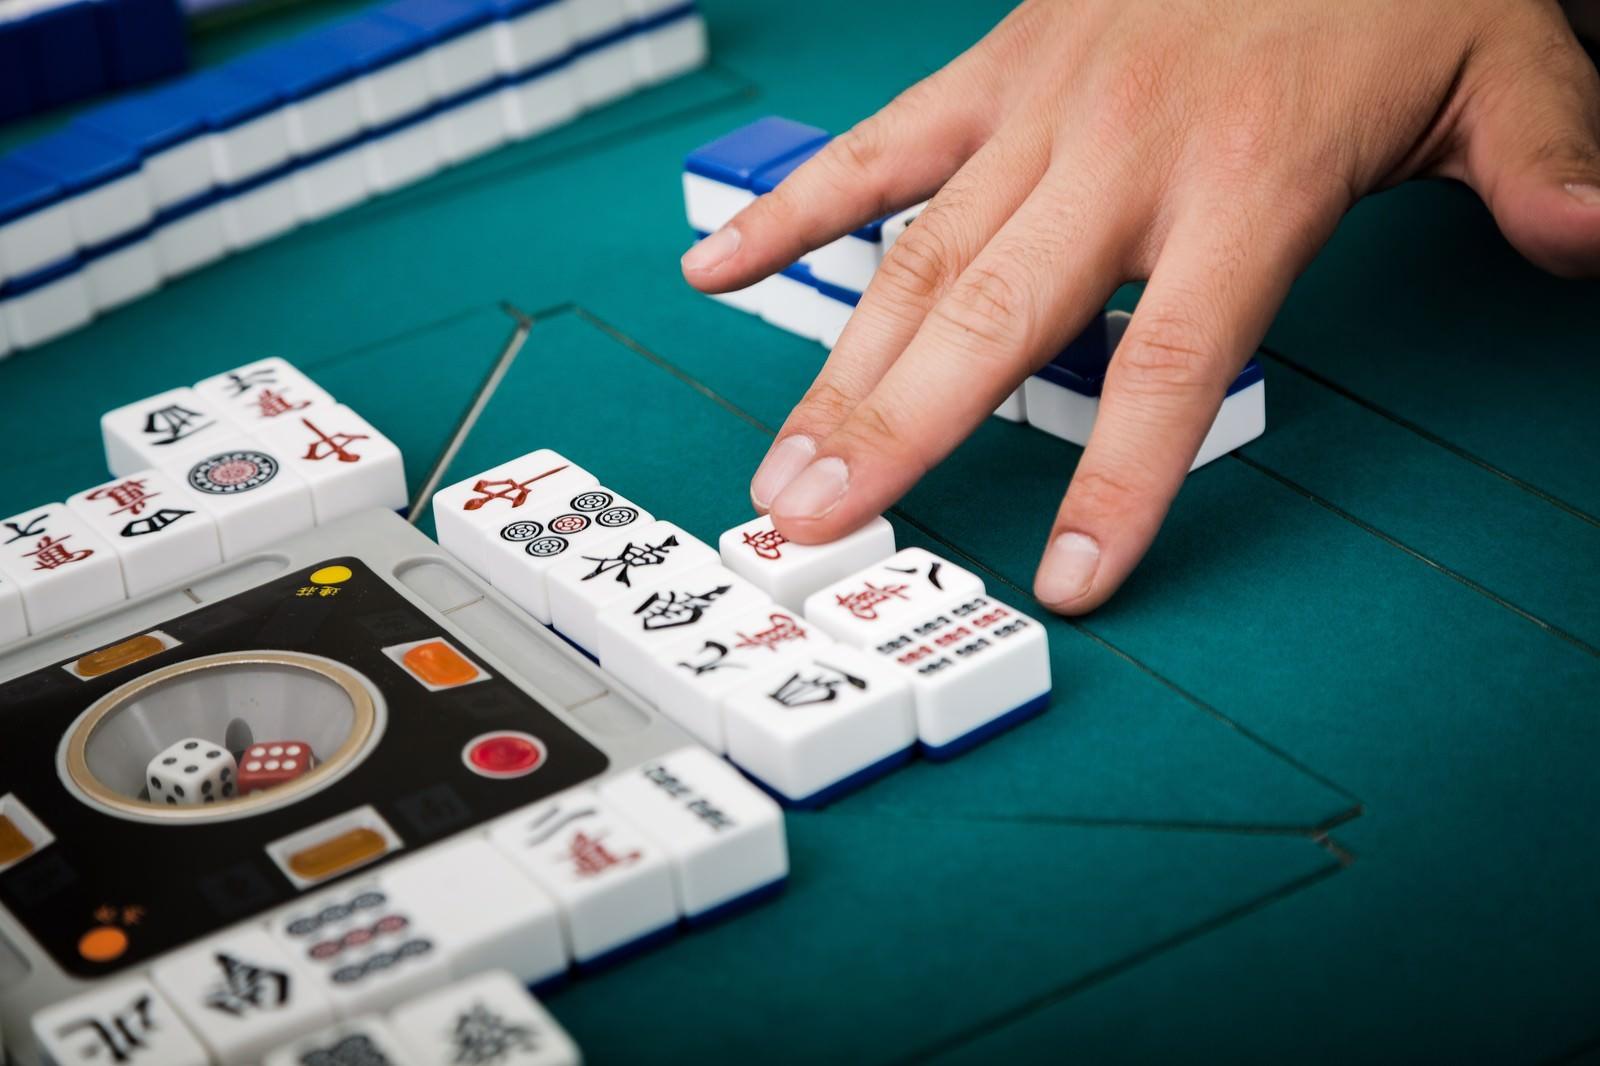 「捨牌は6枚ごとに列を変更します捨牌は6枚ごとに列を変更します」のフリー写真素材を拡大